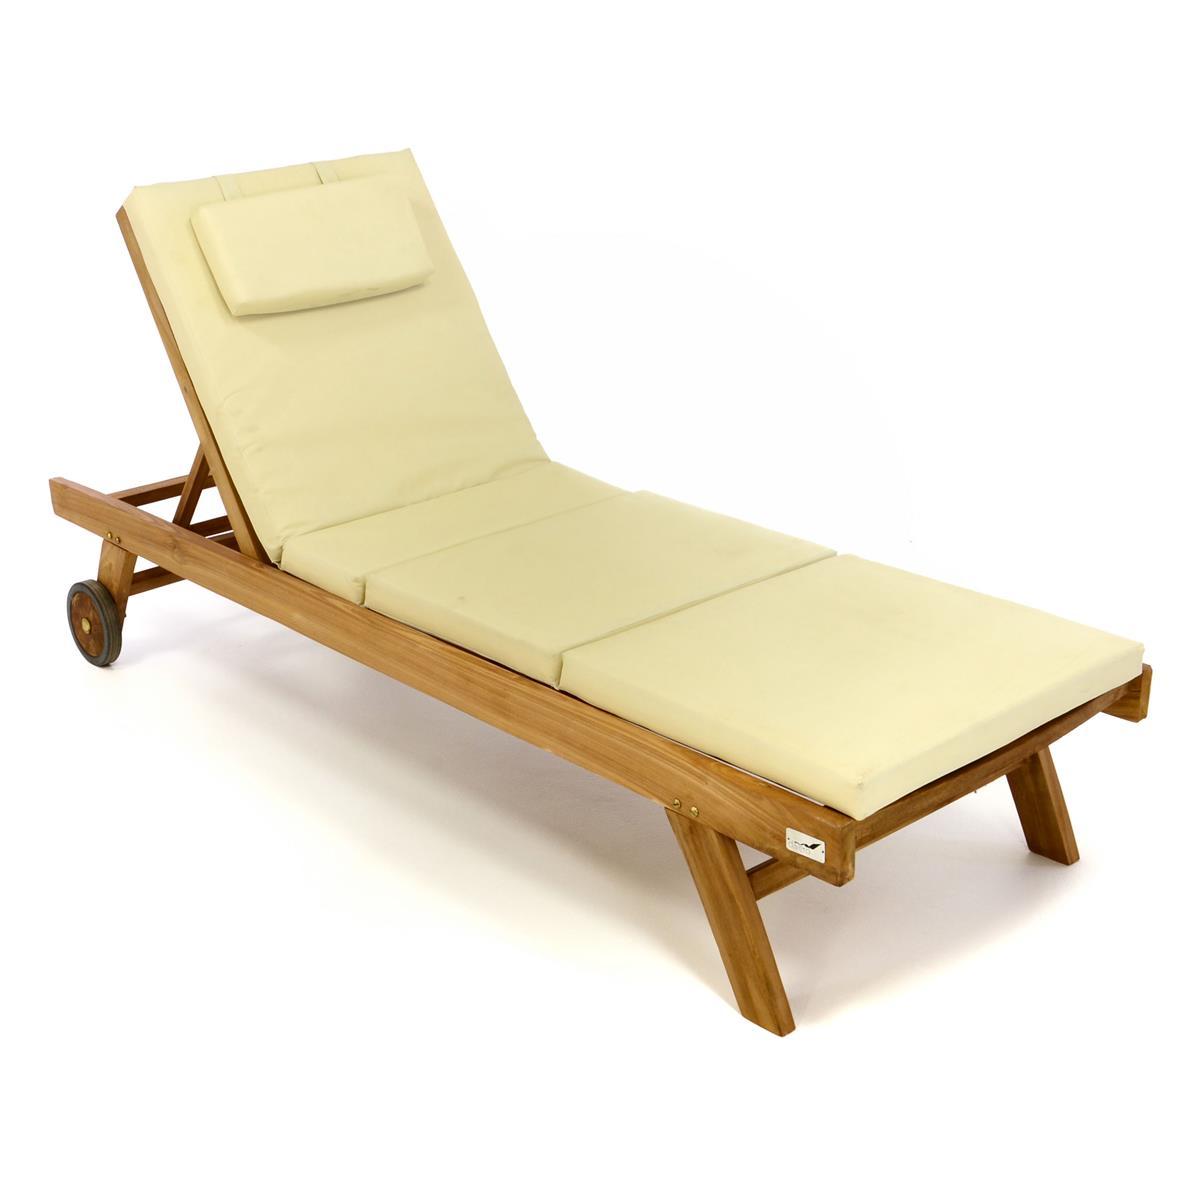 DIVERO Set Sonnenliege Gartenliege Räder Auflage creme Teak Holz behandelt